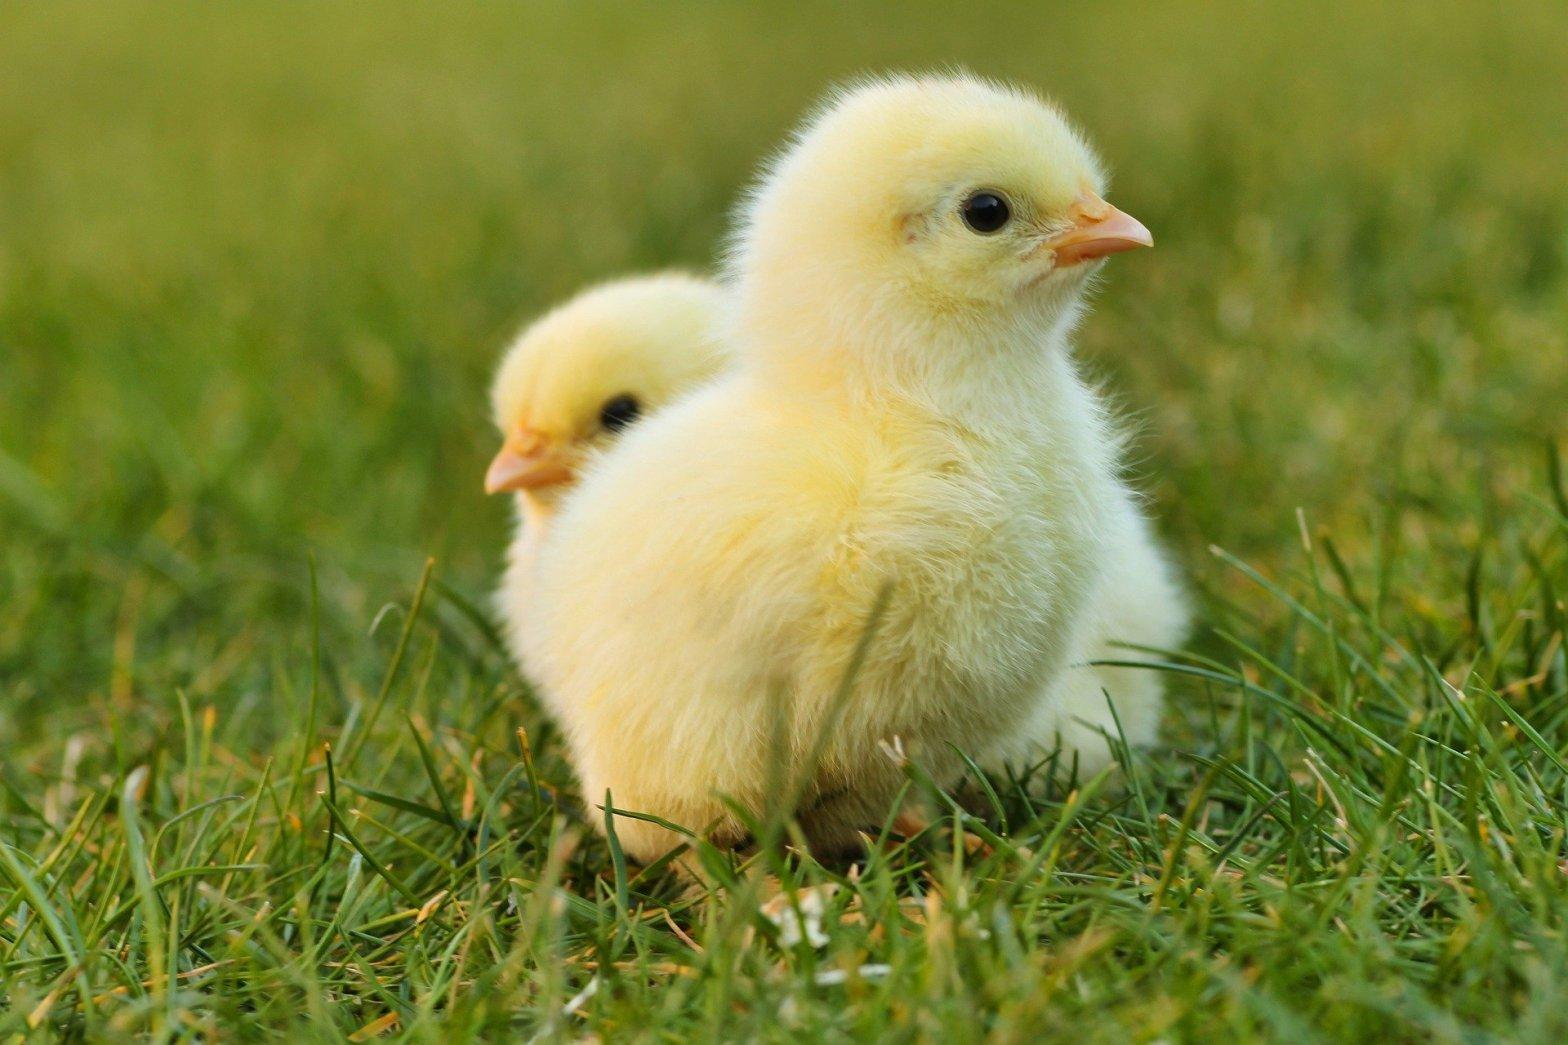 Soll ich Hühner halten?